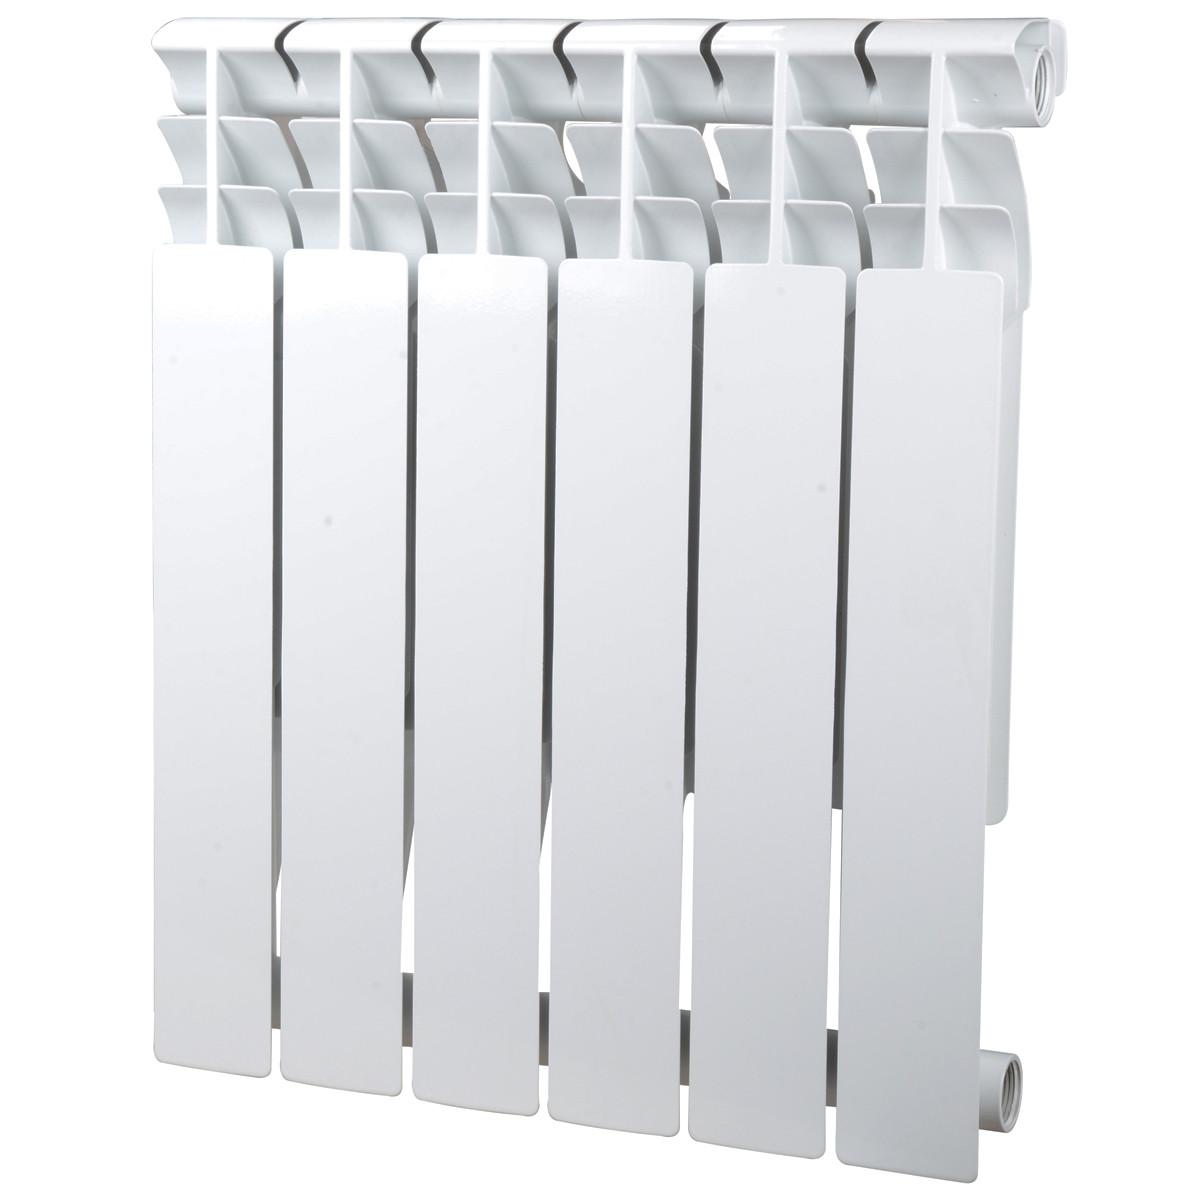 Алюминиевый радиатор CALORIE vd 500-96